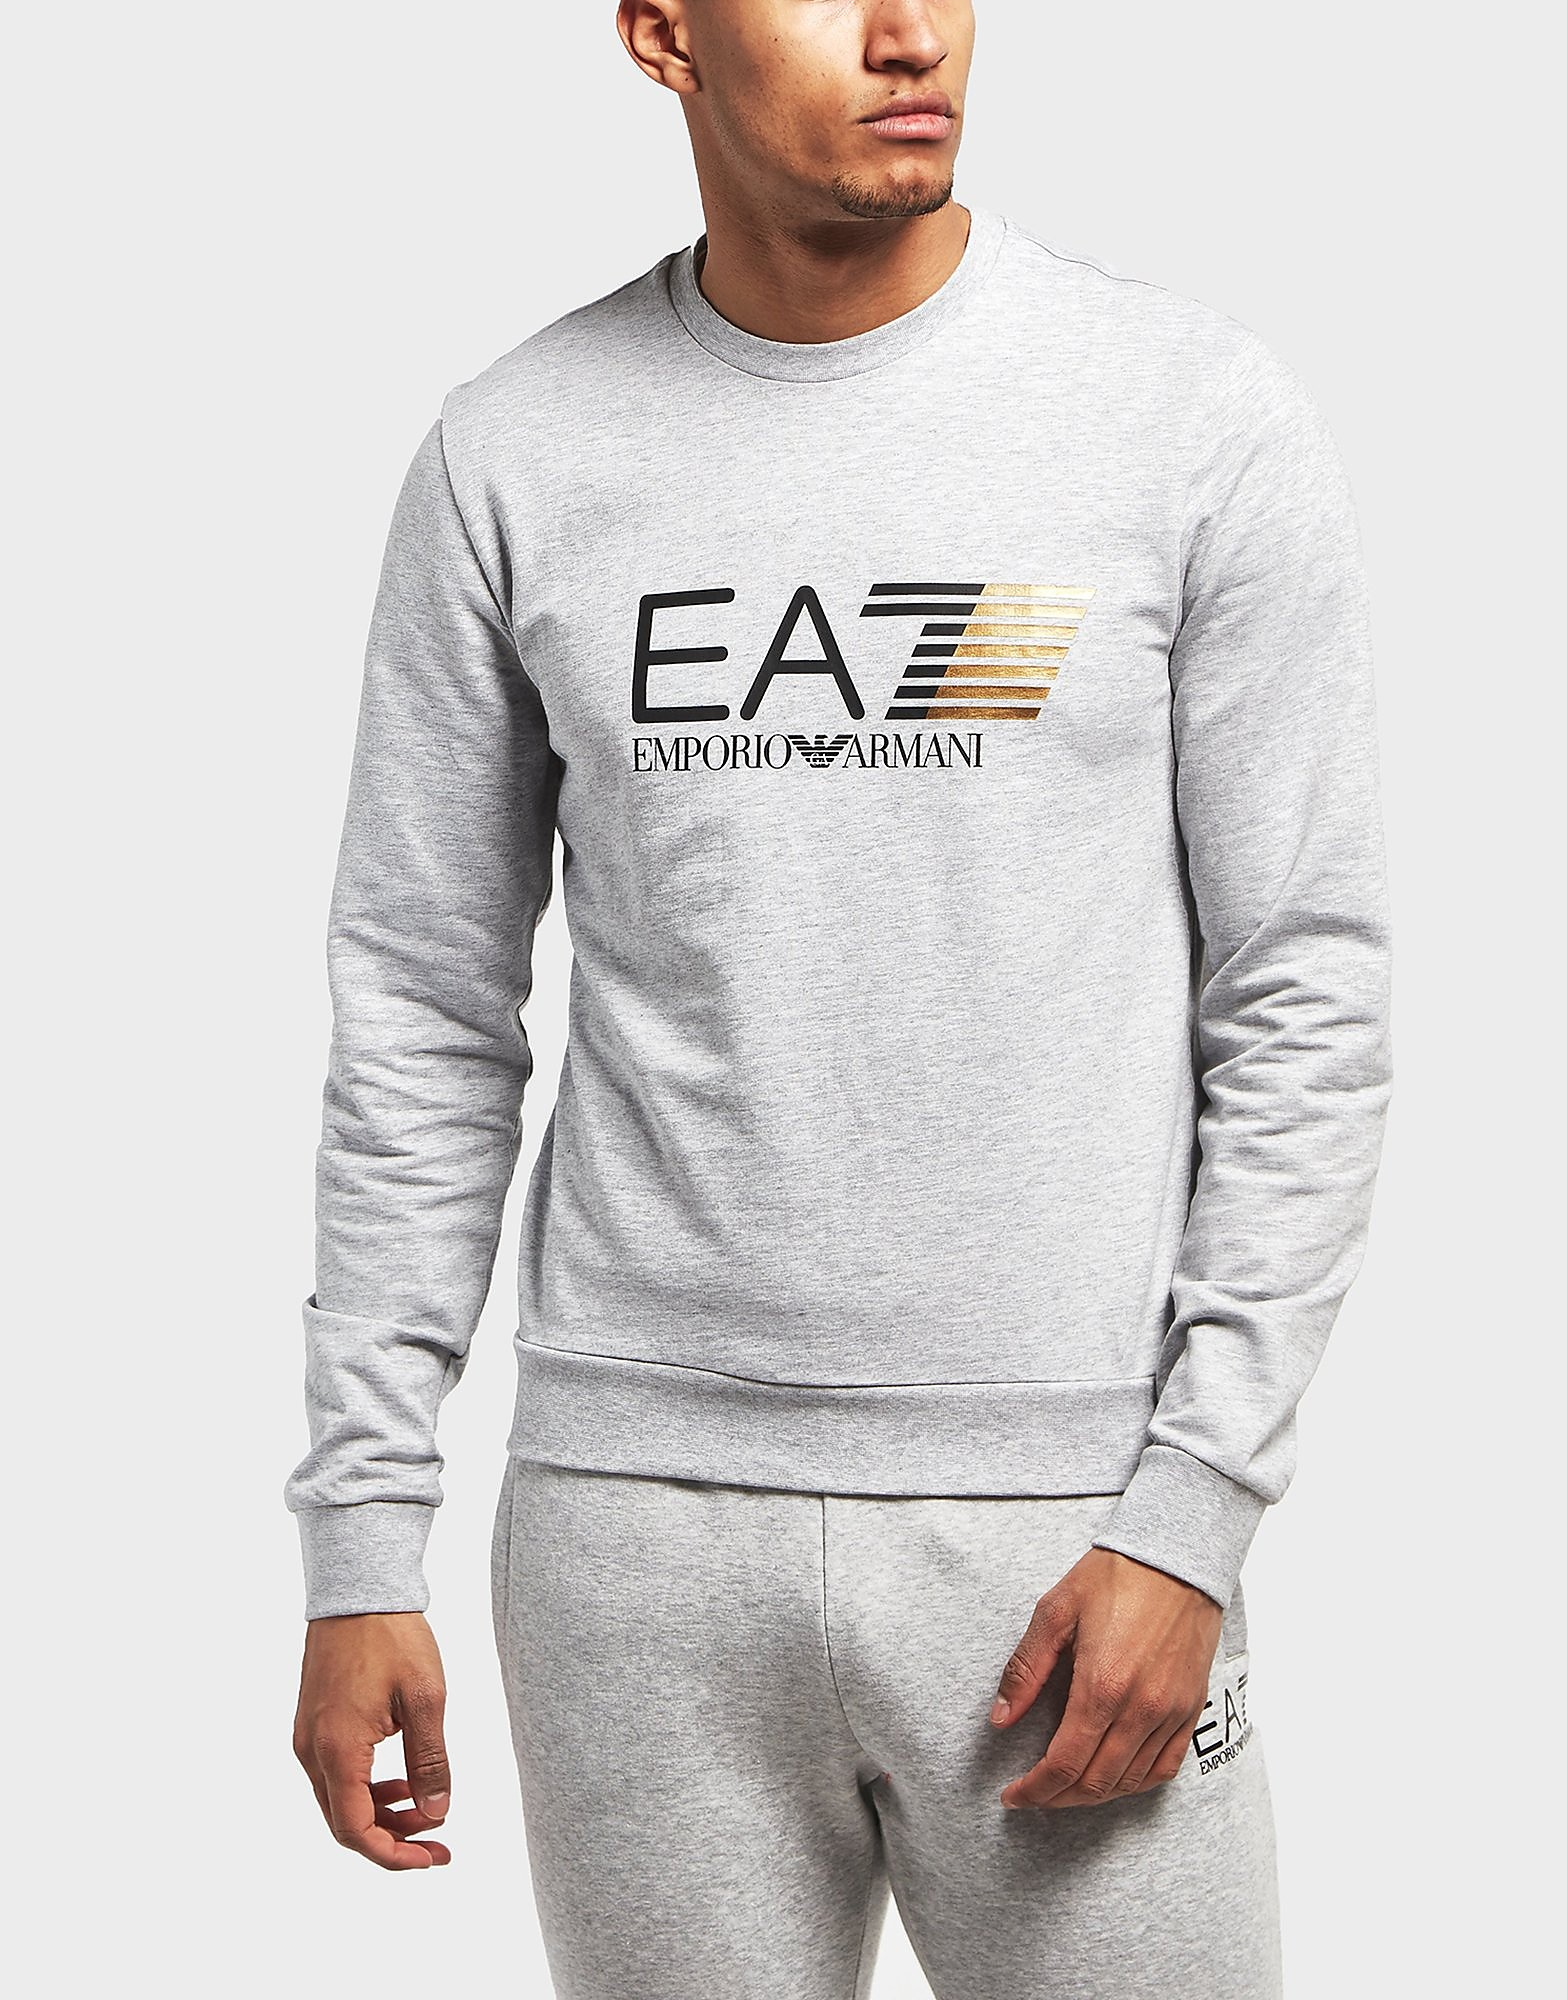 Emporio Armani EA7 Visibility Crew Sweatshirt